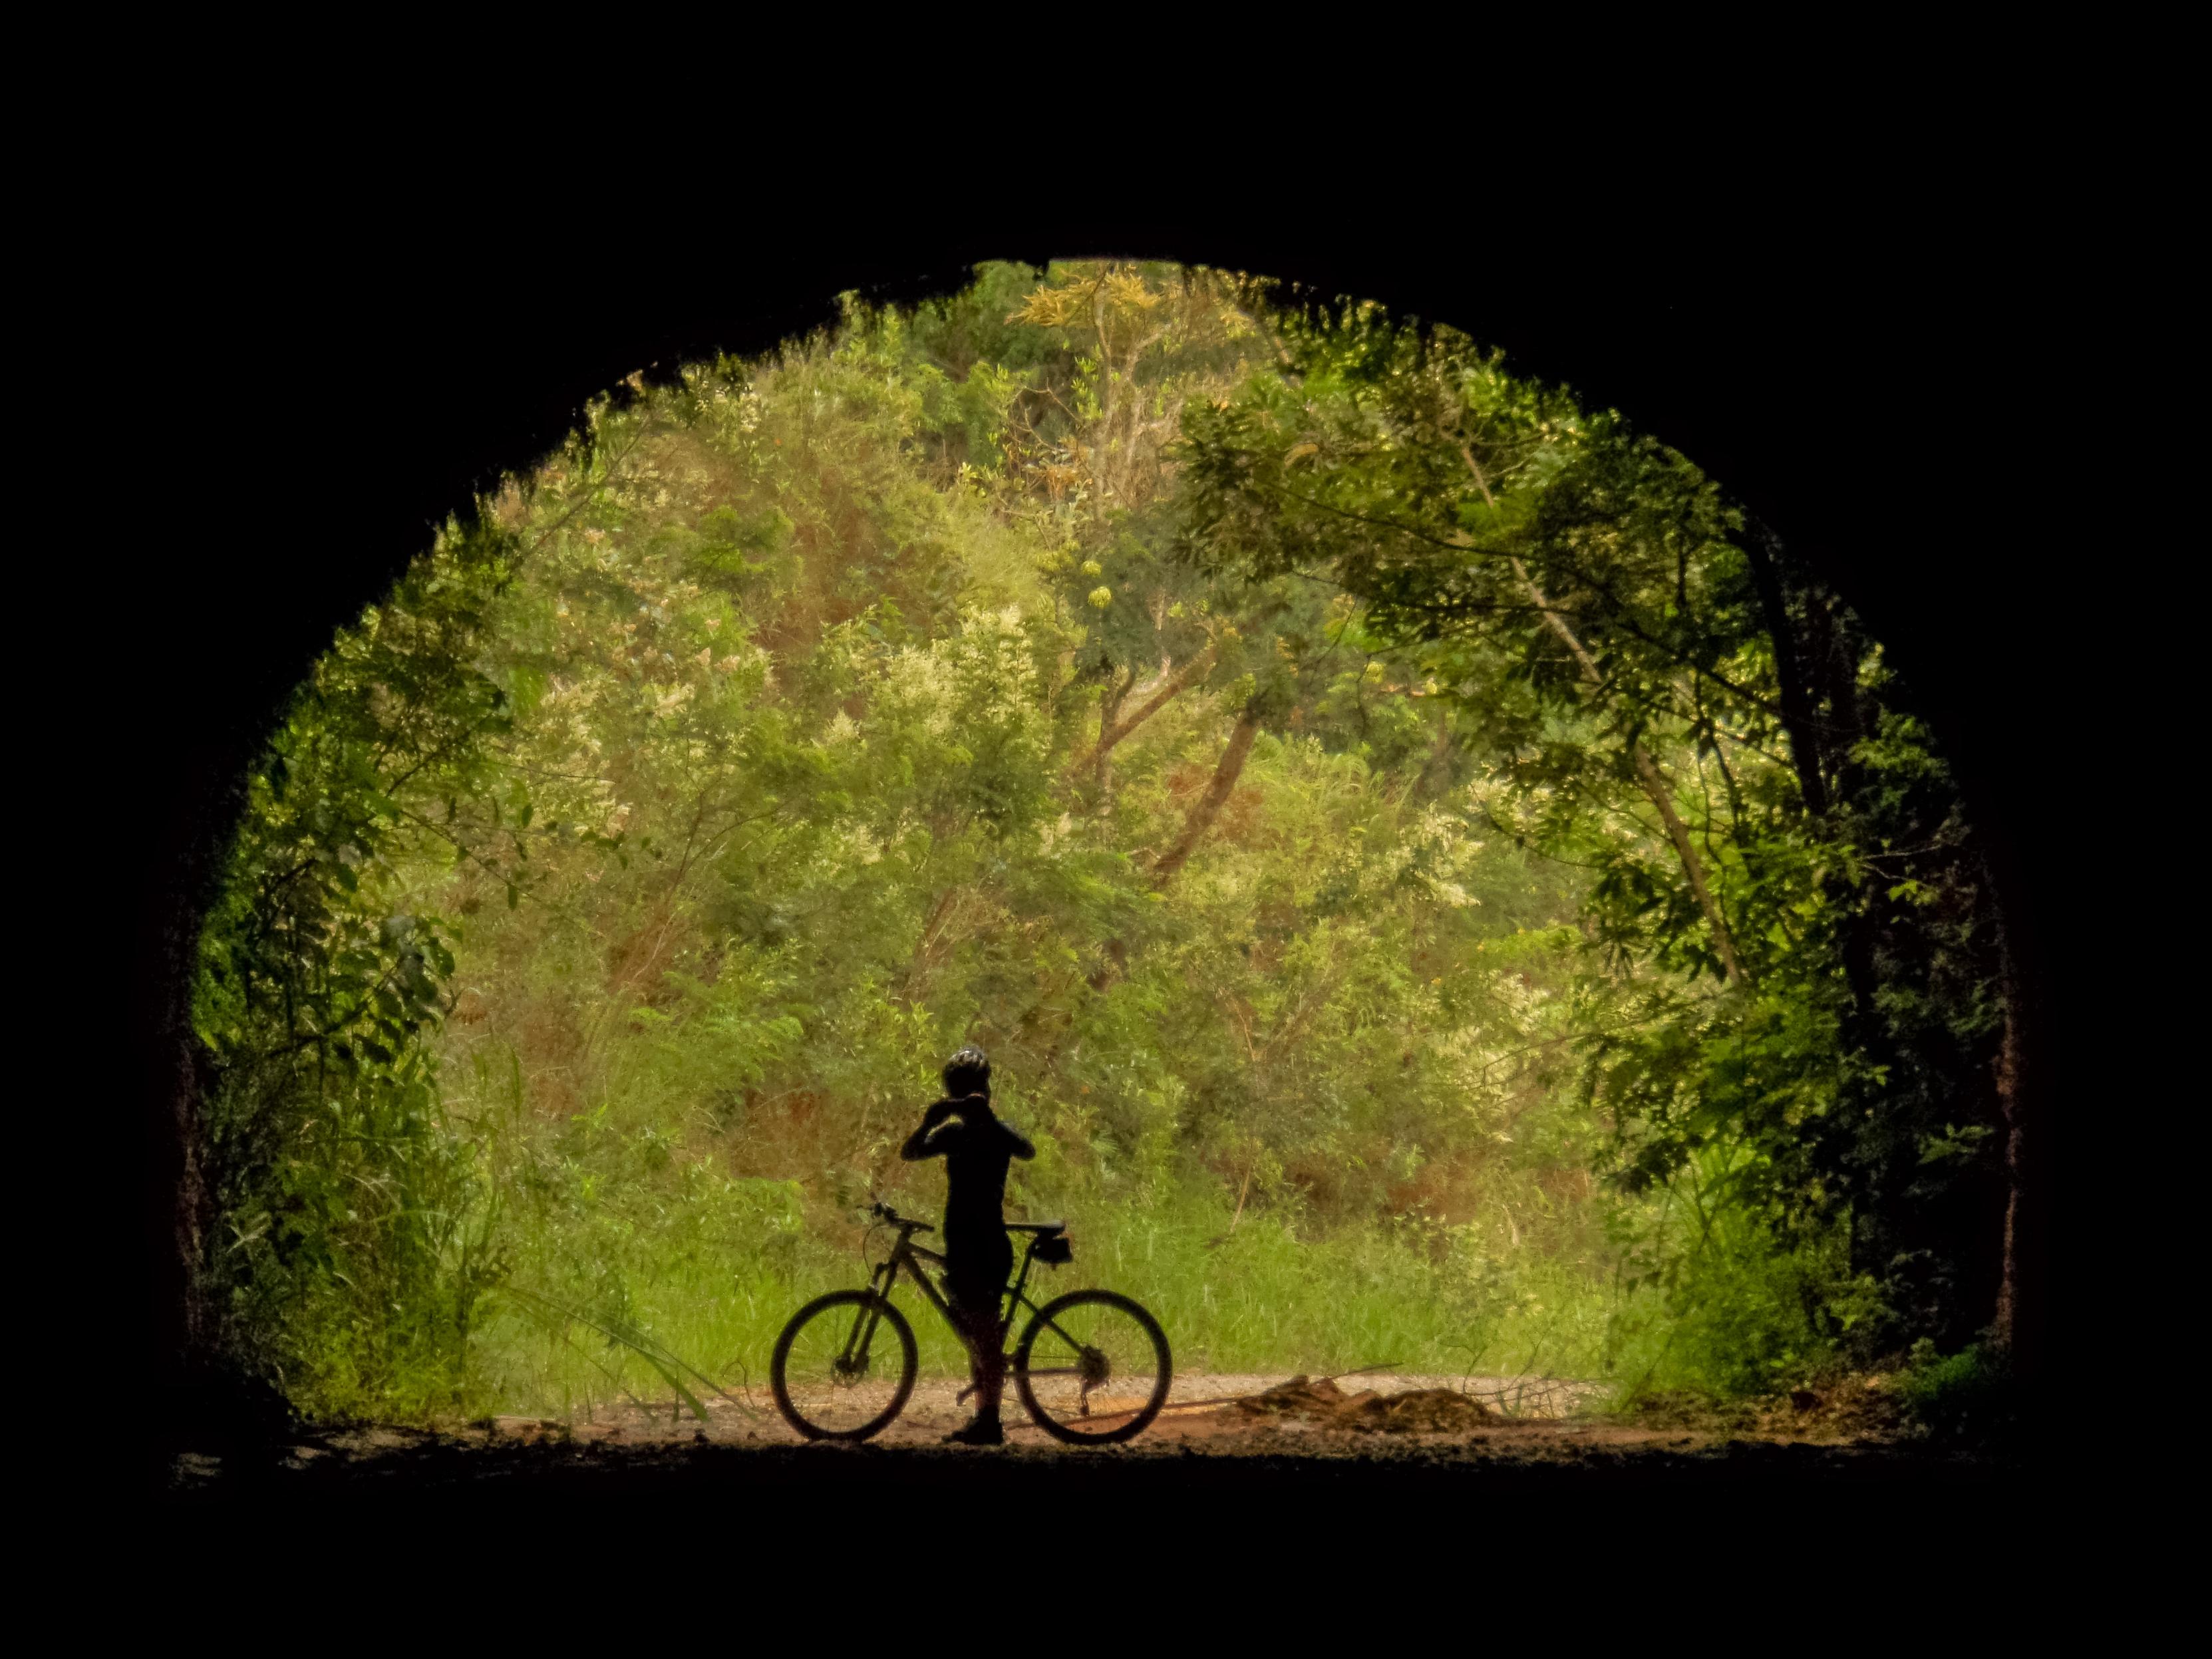 Važiavimo dviračiu nauda